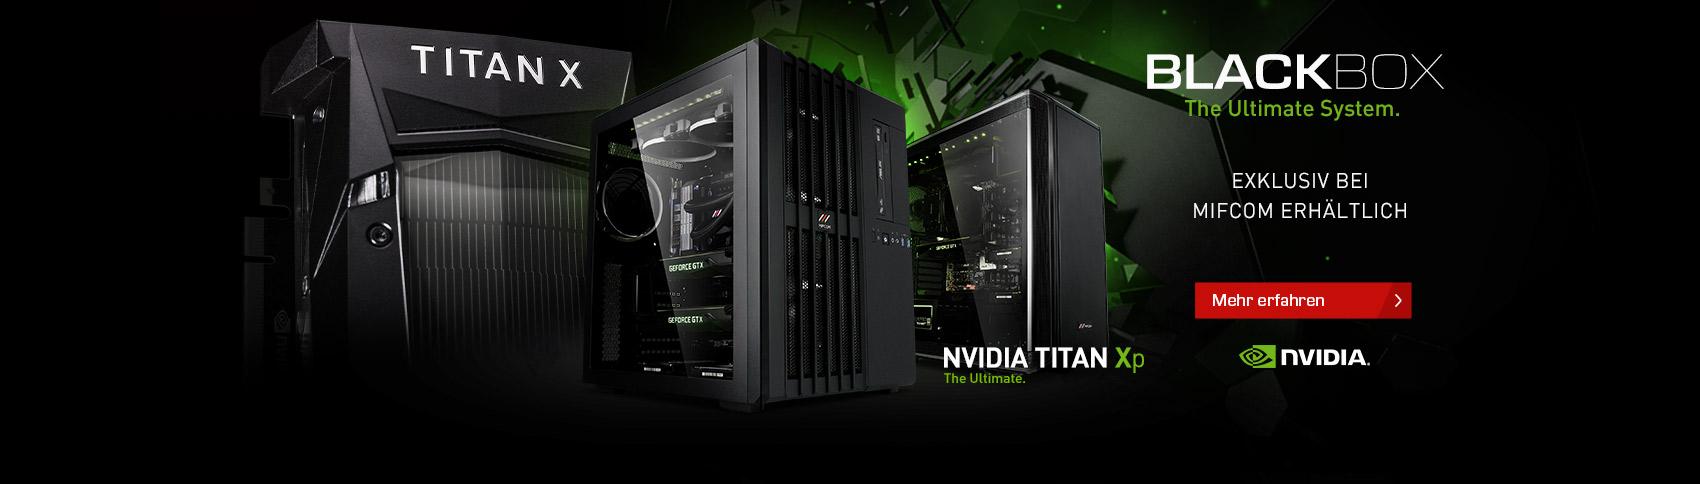 BLACKBOX Titan Xp